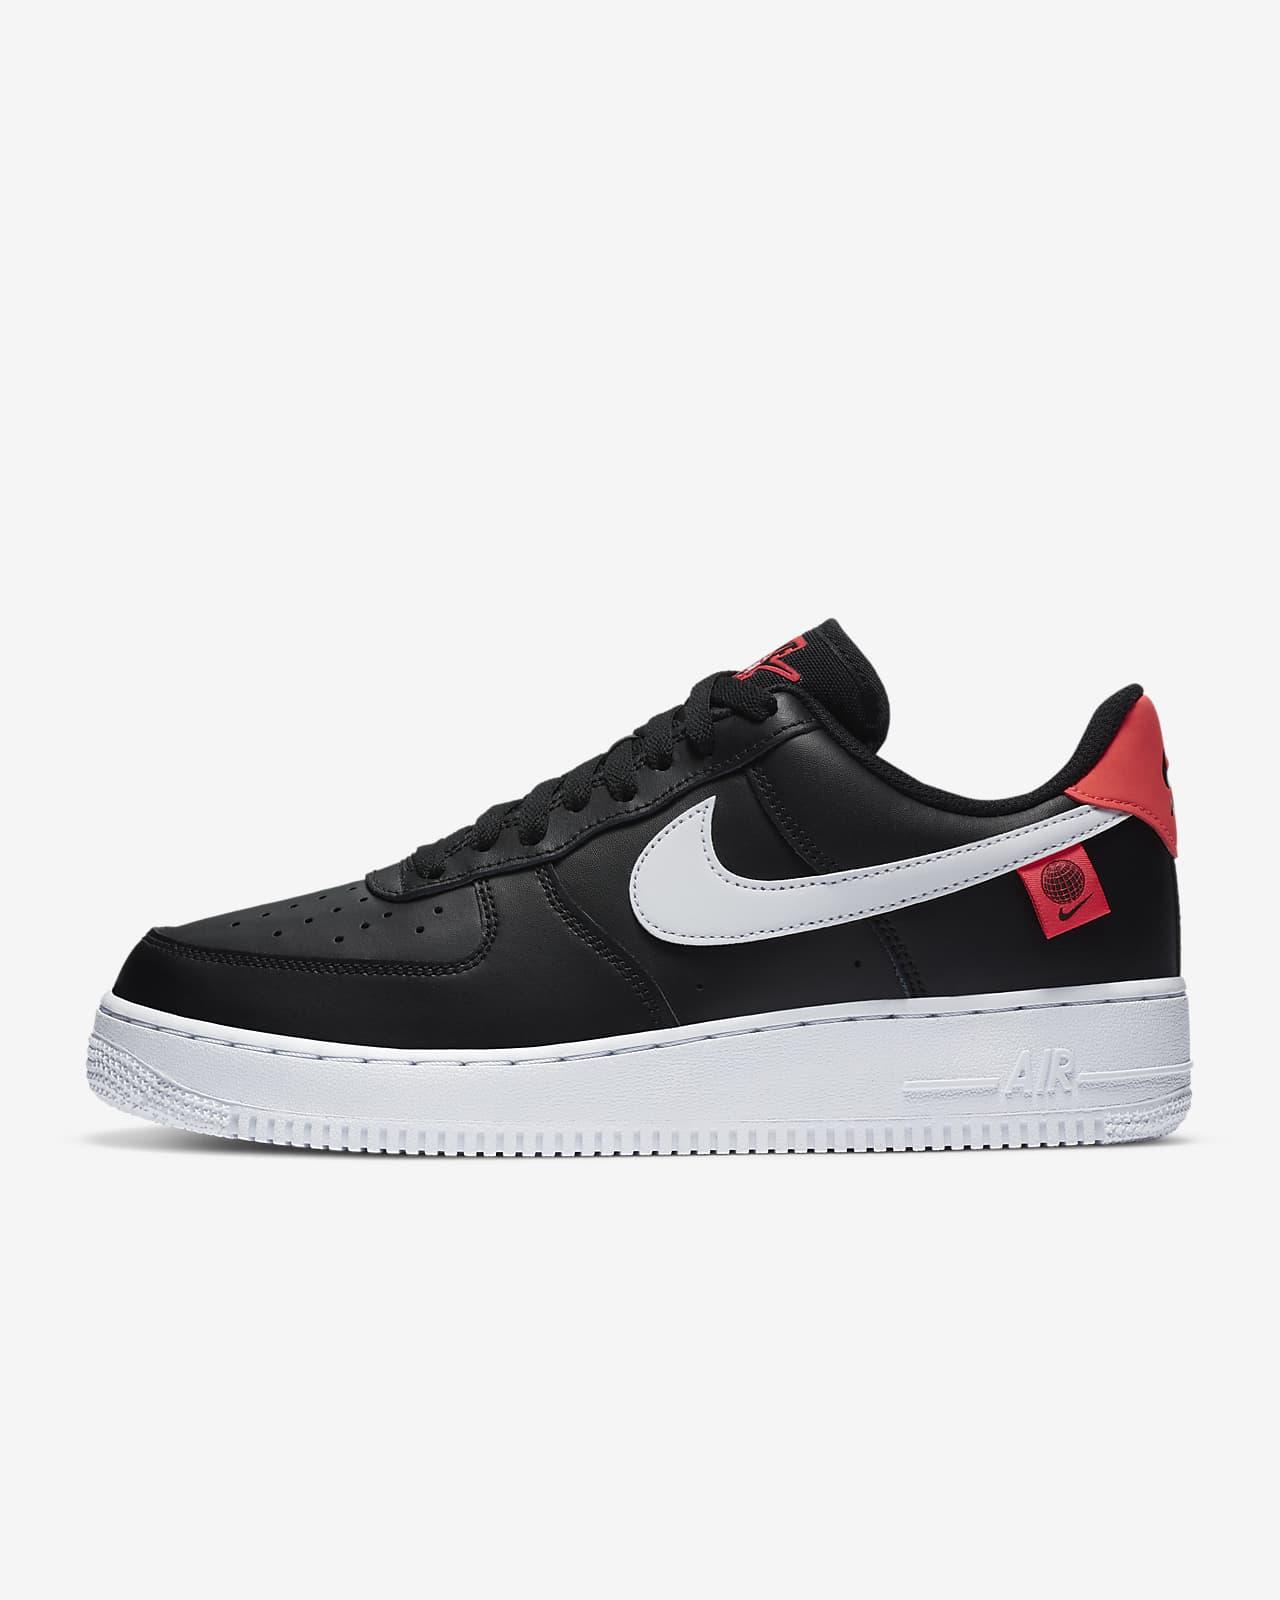 รองเท้าผู้ชาย Nike Air Force 1 '07 WW